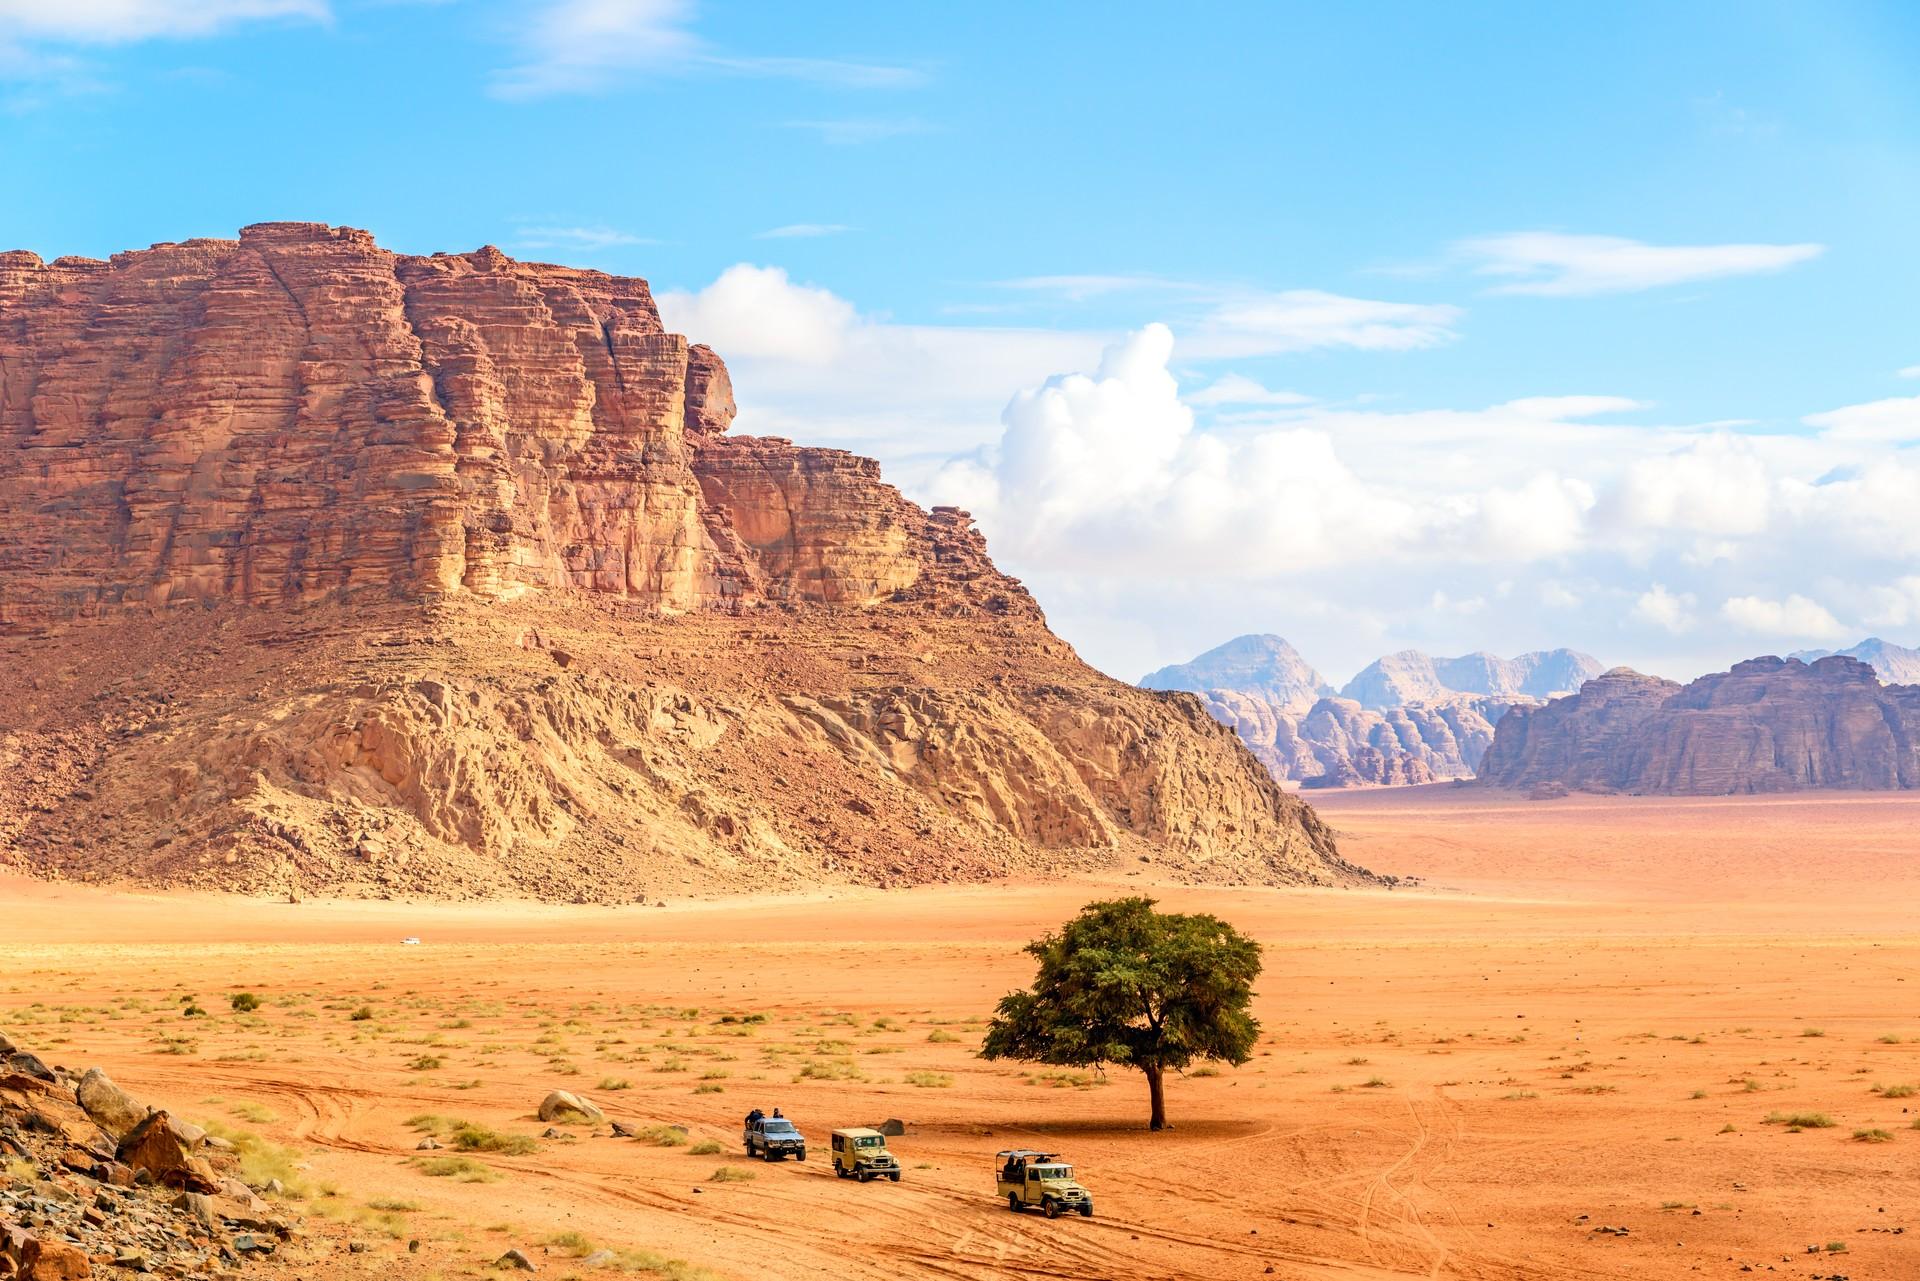 Jeeps going through Wadi Rum, Jordan